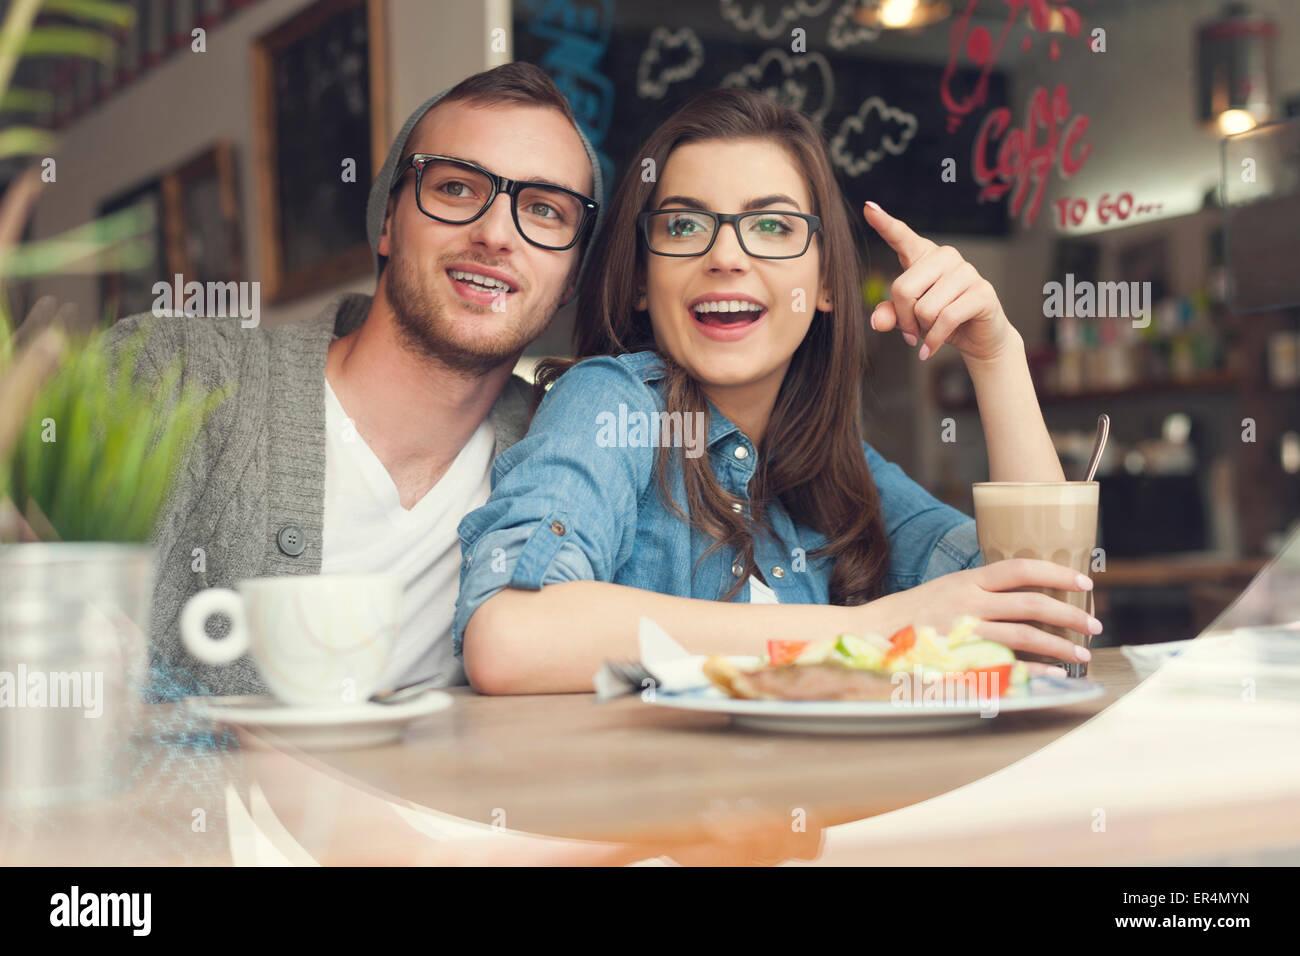 Heureux couple prévues l'heure du déjeuner ensemble dans un restaurant. Cracovie, Pologne Photo Stock